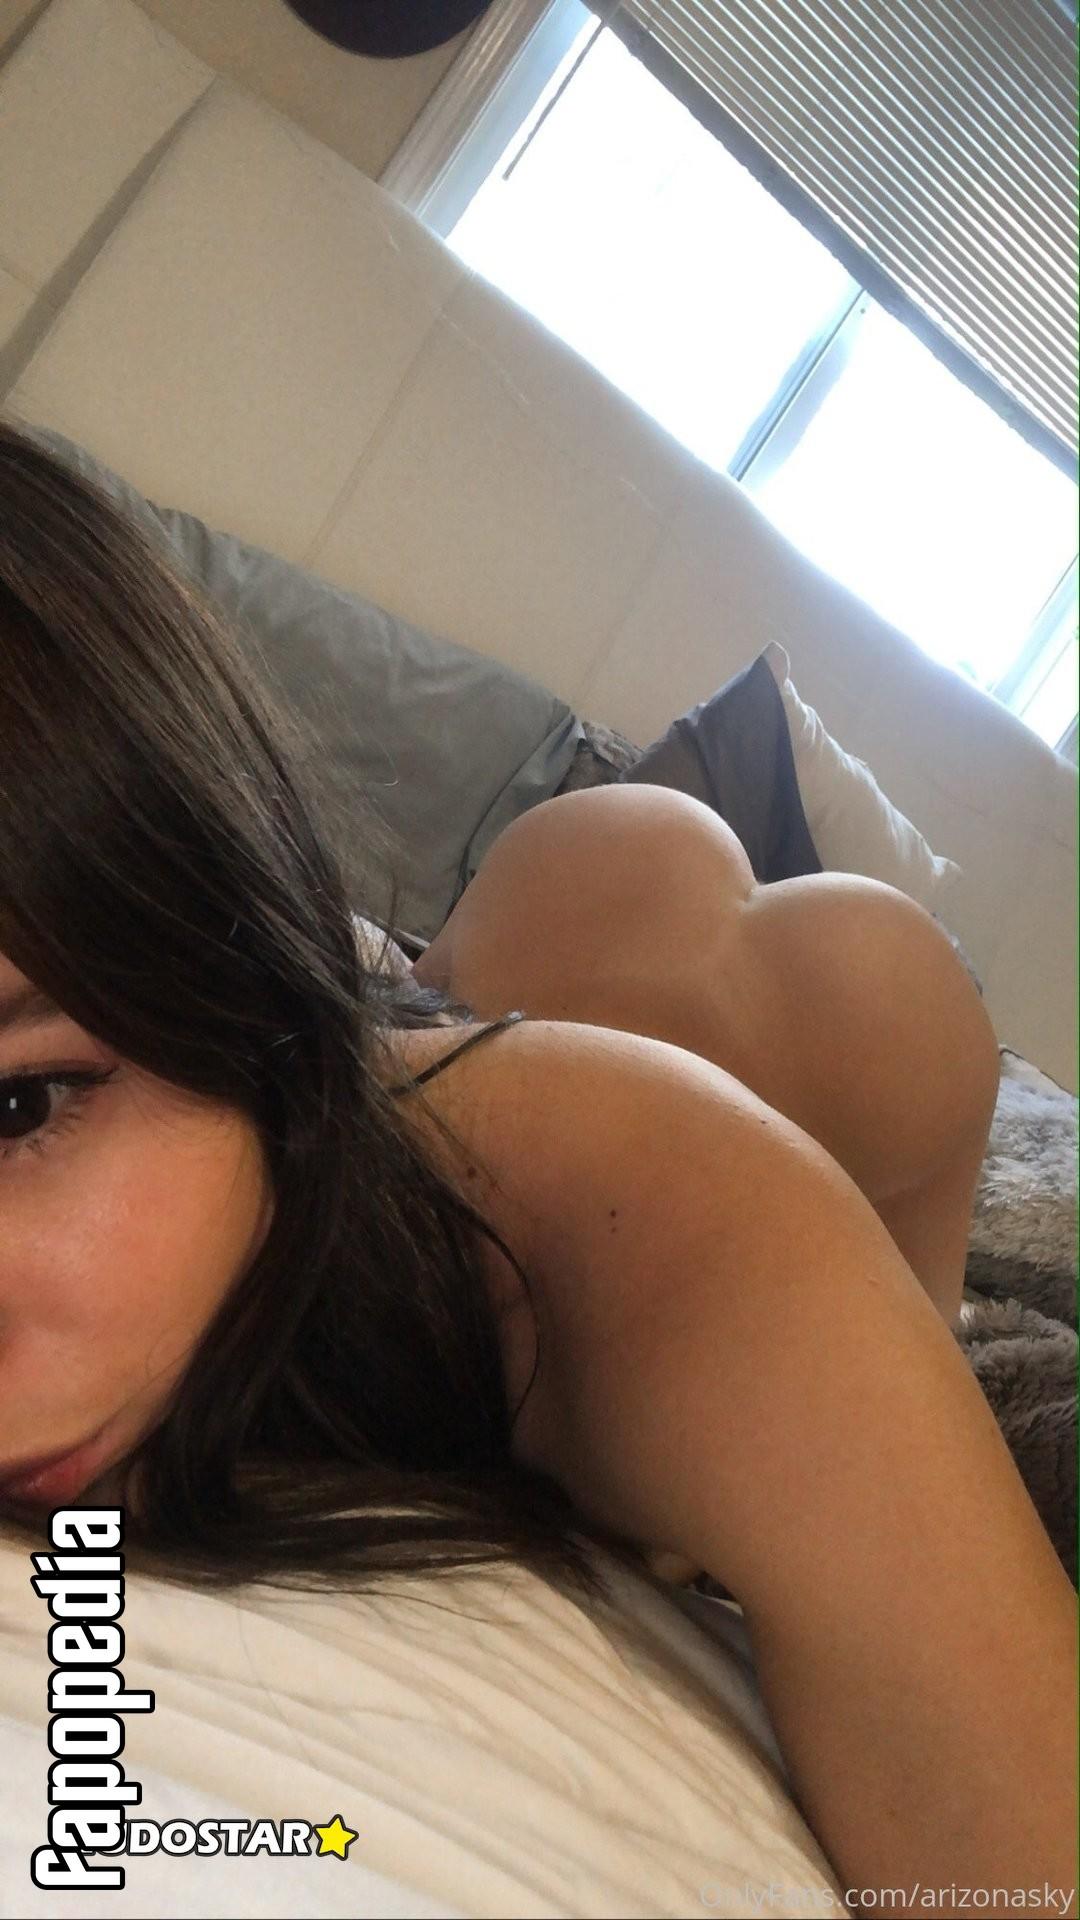 Arizonasky_ Nude OnlyFans Leaks